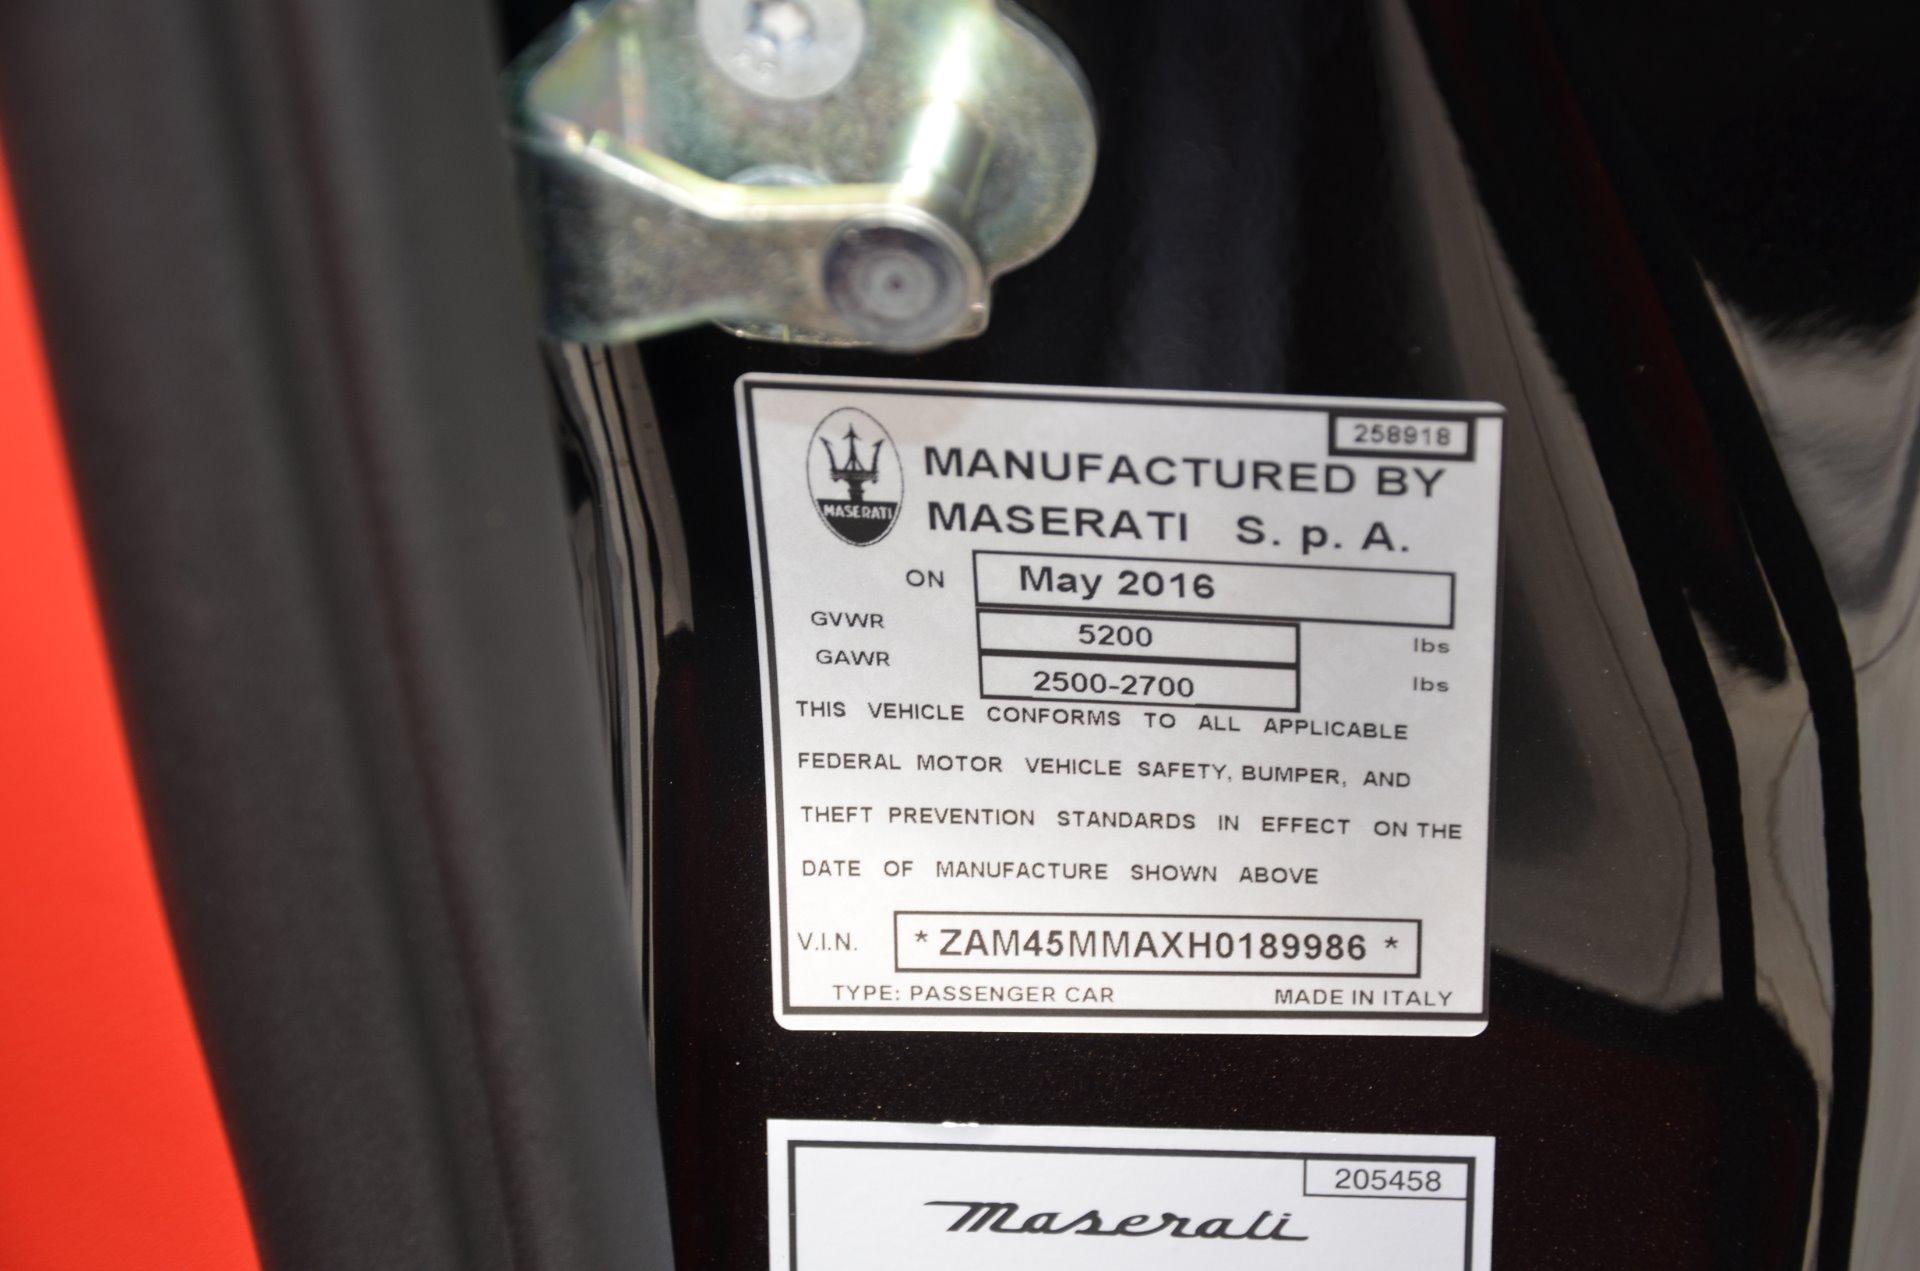 2017 maserati granturismo convertible stock m515 for sale near chicago il il maserati dealer. Black Bedroom Furniture Sets. Home Design Ideas